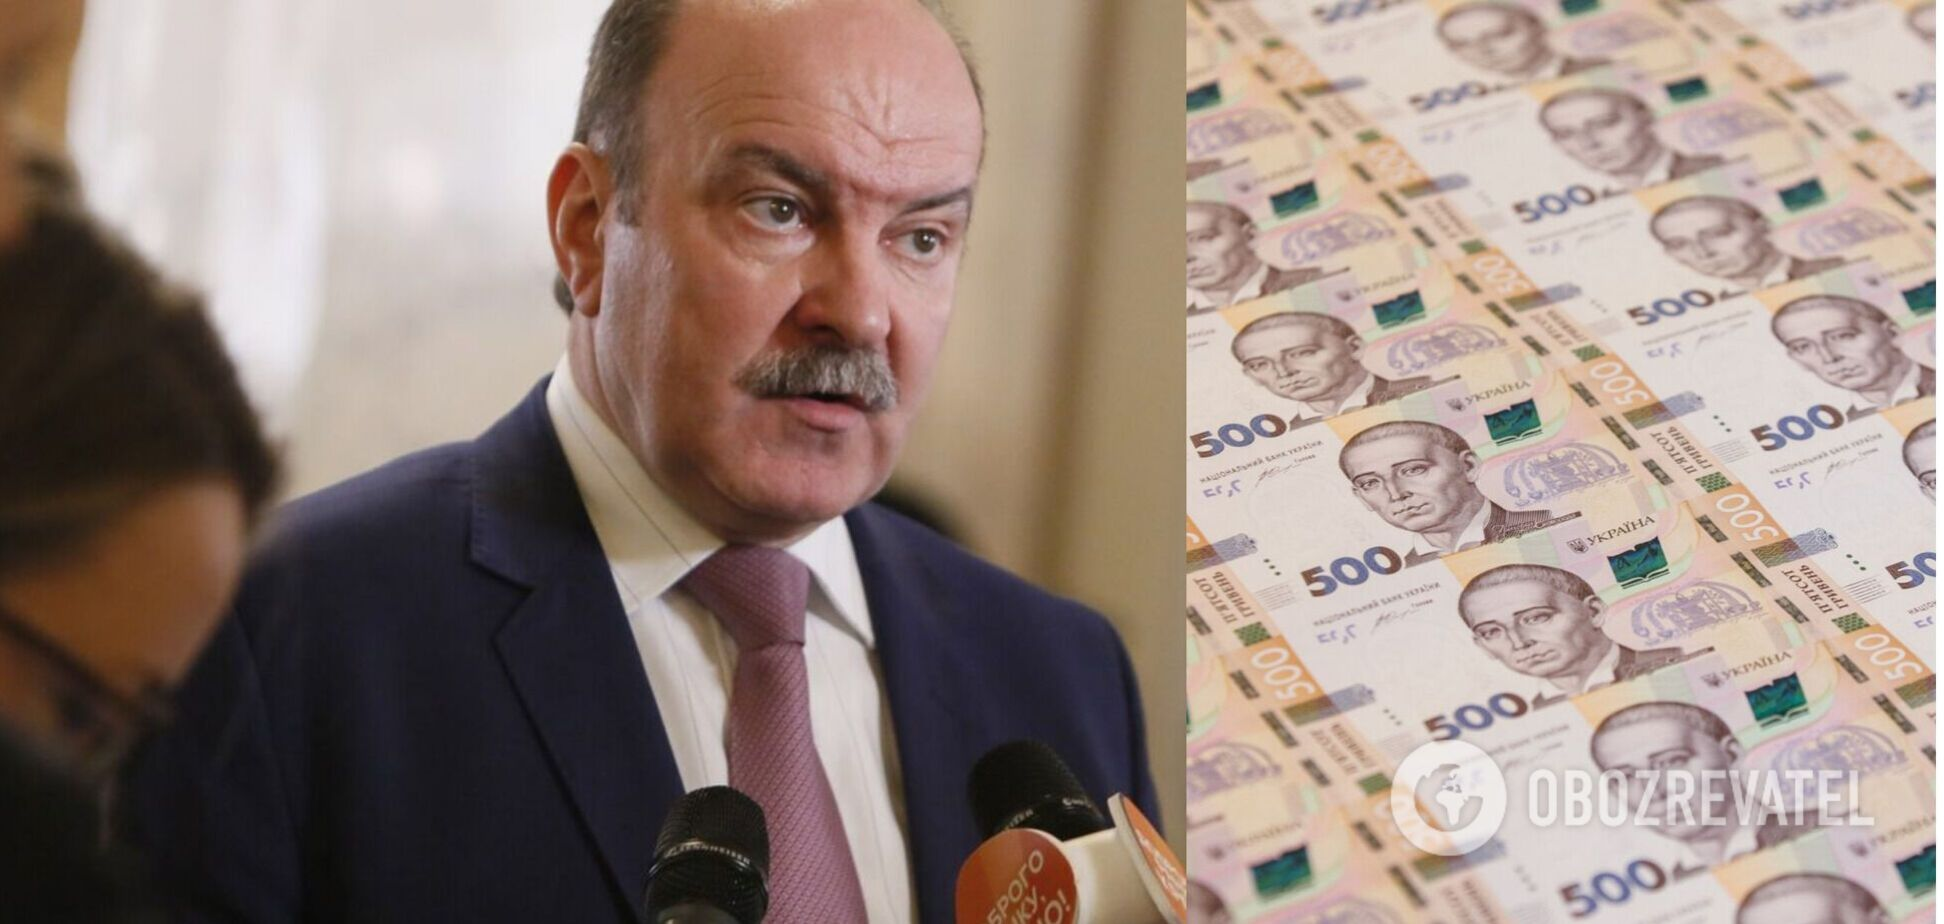 В Украине затяжной экономический кризис, в такое время недопустимо повышать налоги, – нардеп